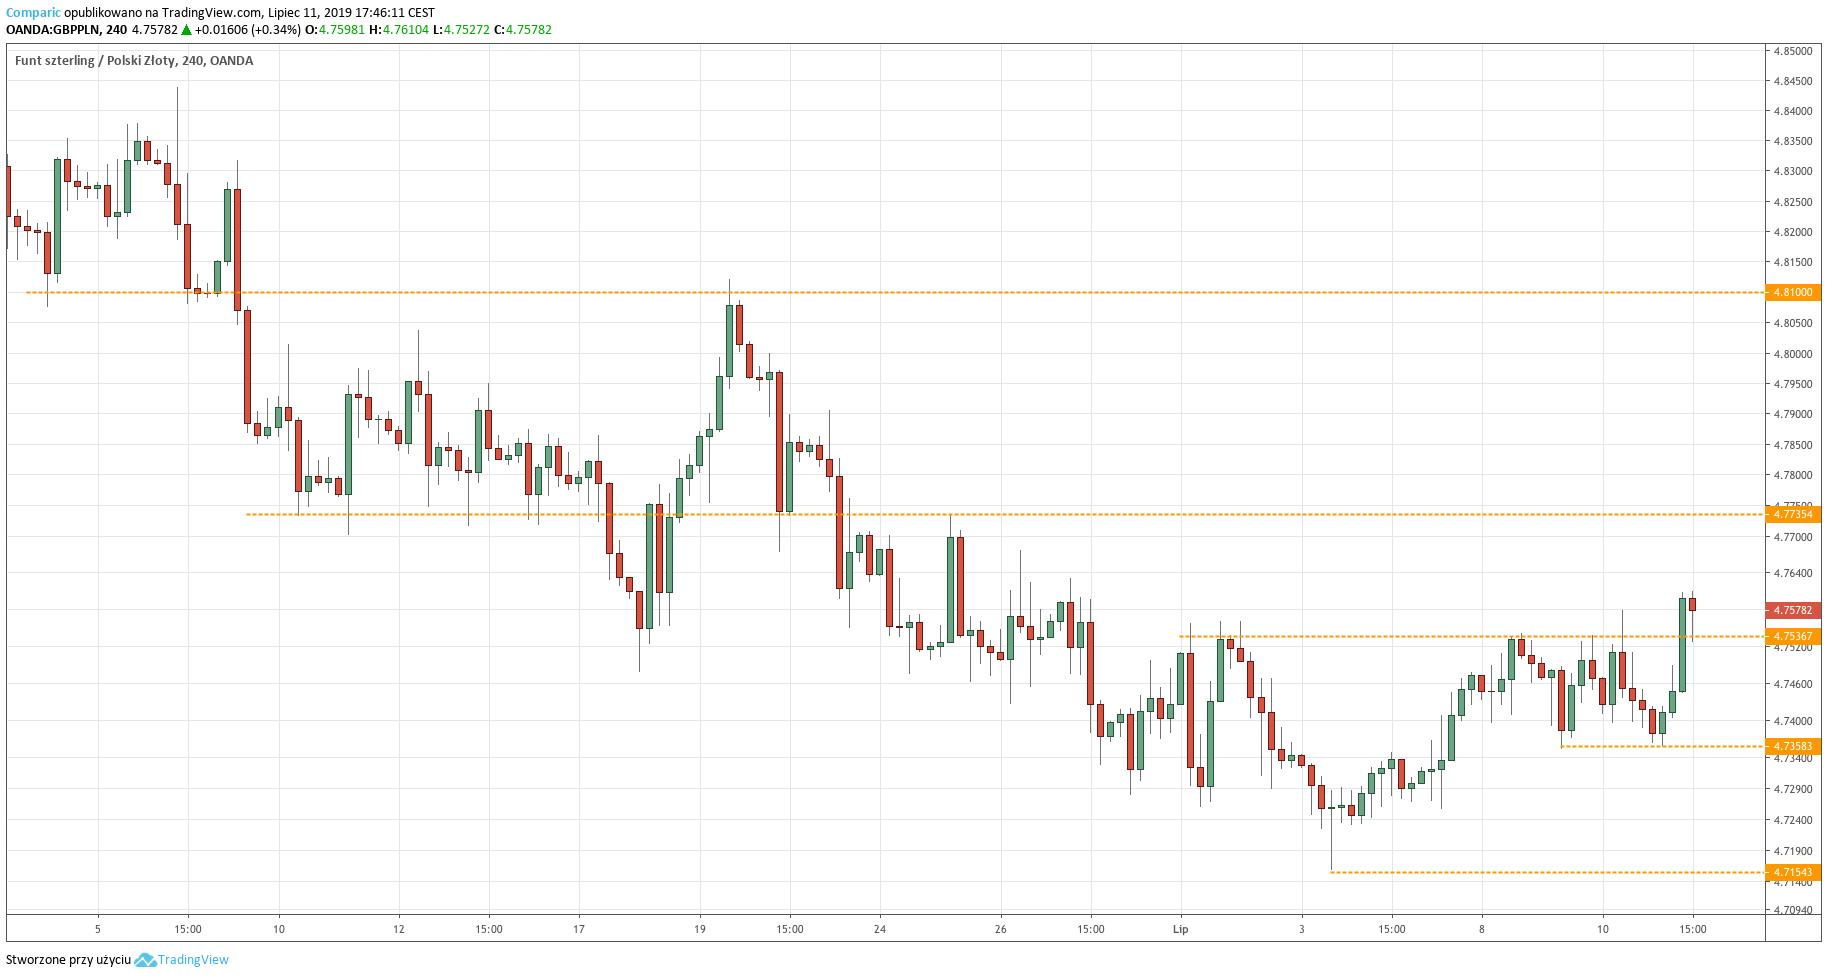 Kurs funta do złotego (GBP/PLN) - wykres 4-godzinny - 11 lipca 2019